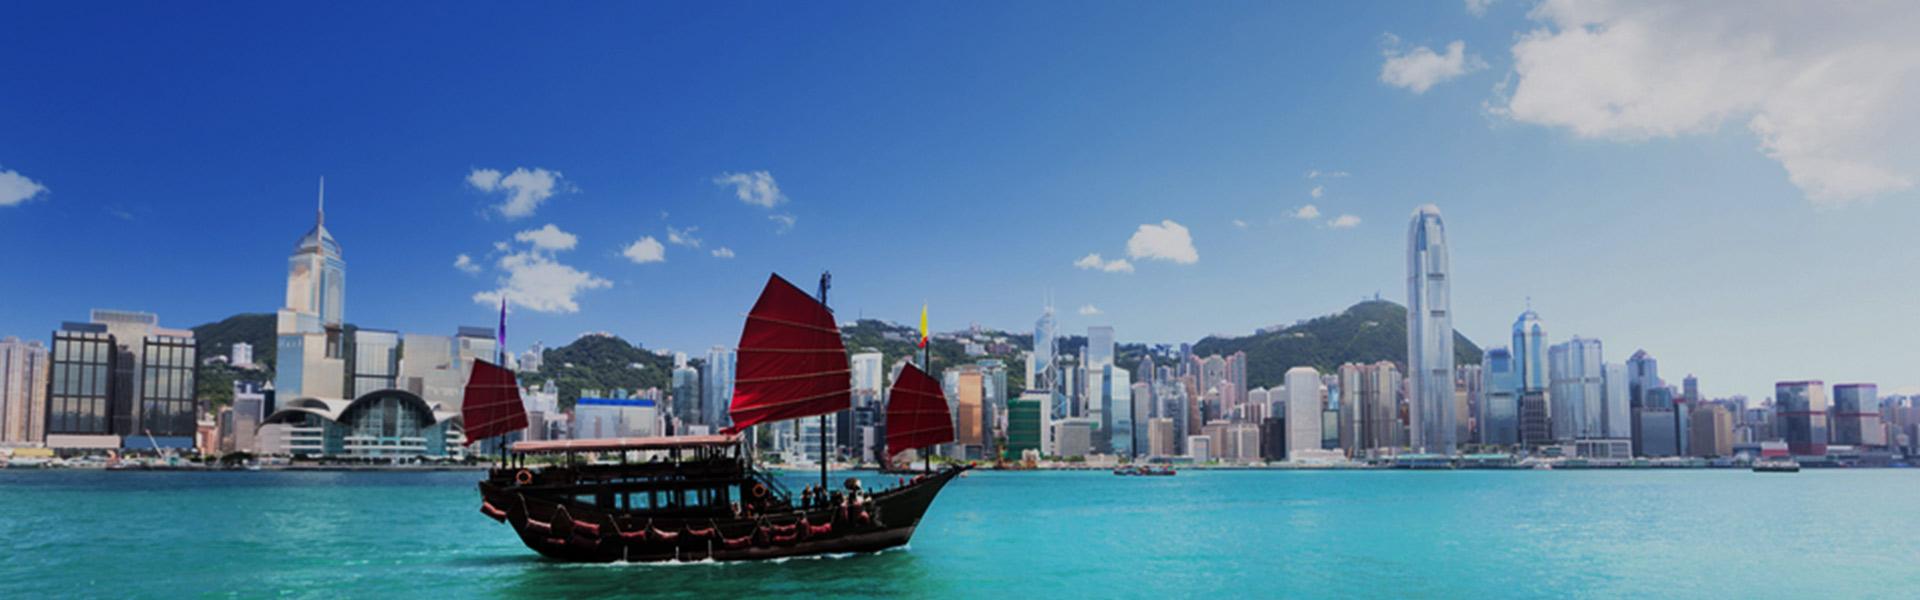 傳統舢舨遊上的香港高樓景致